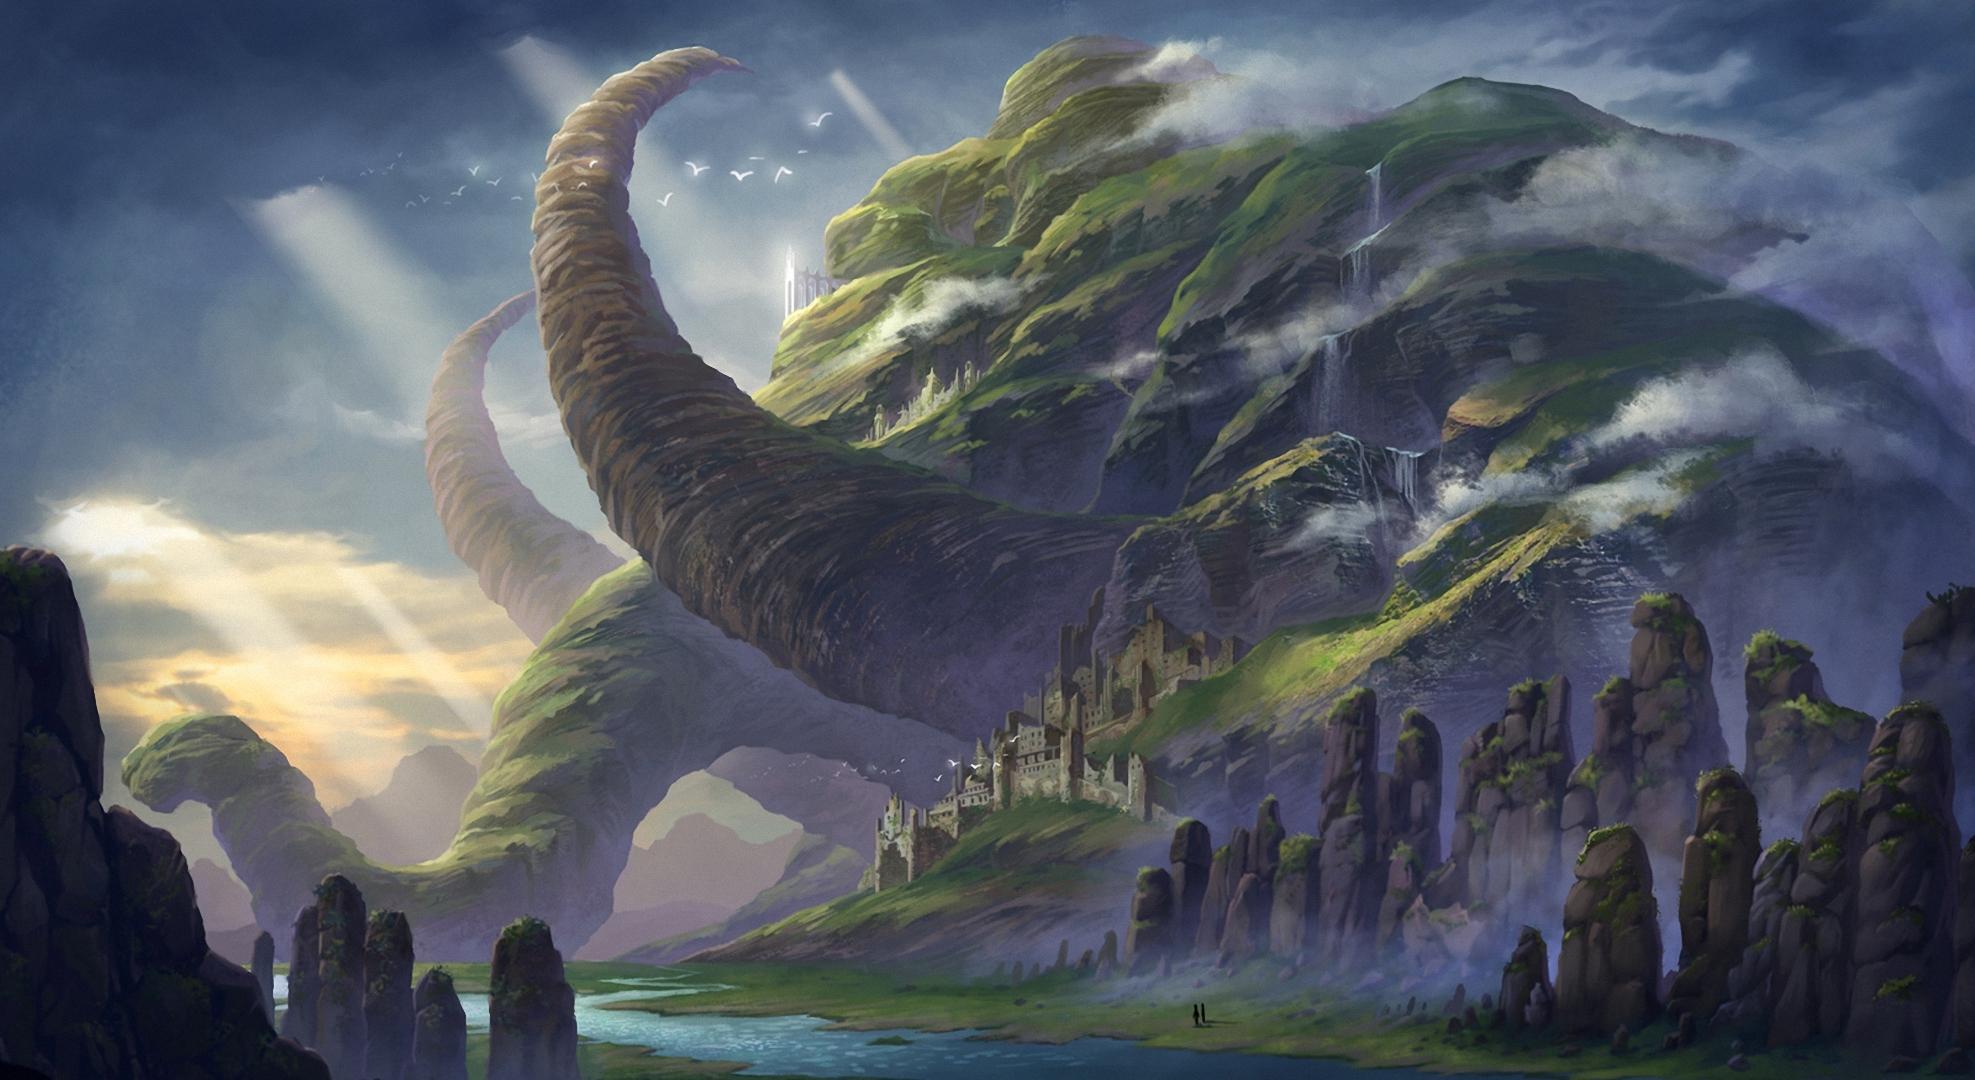 Free dragon wallpaper for pc desktop 10